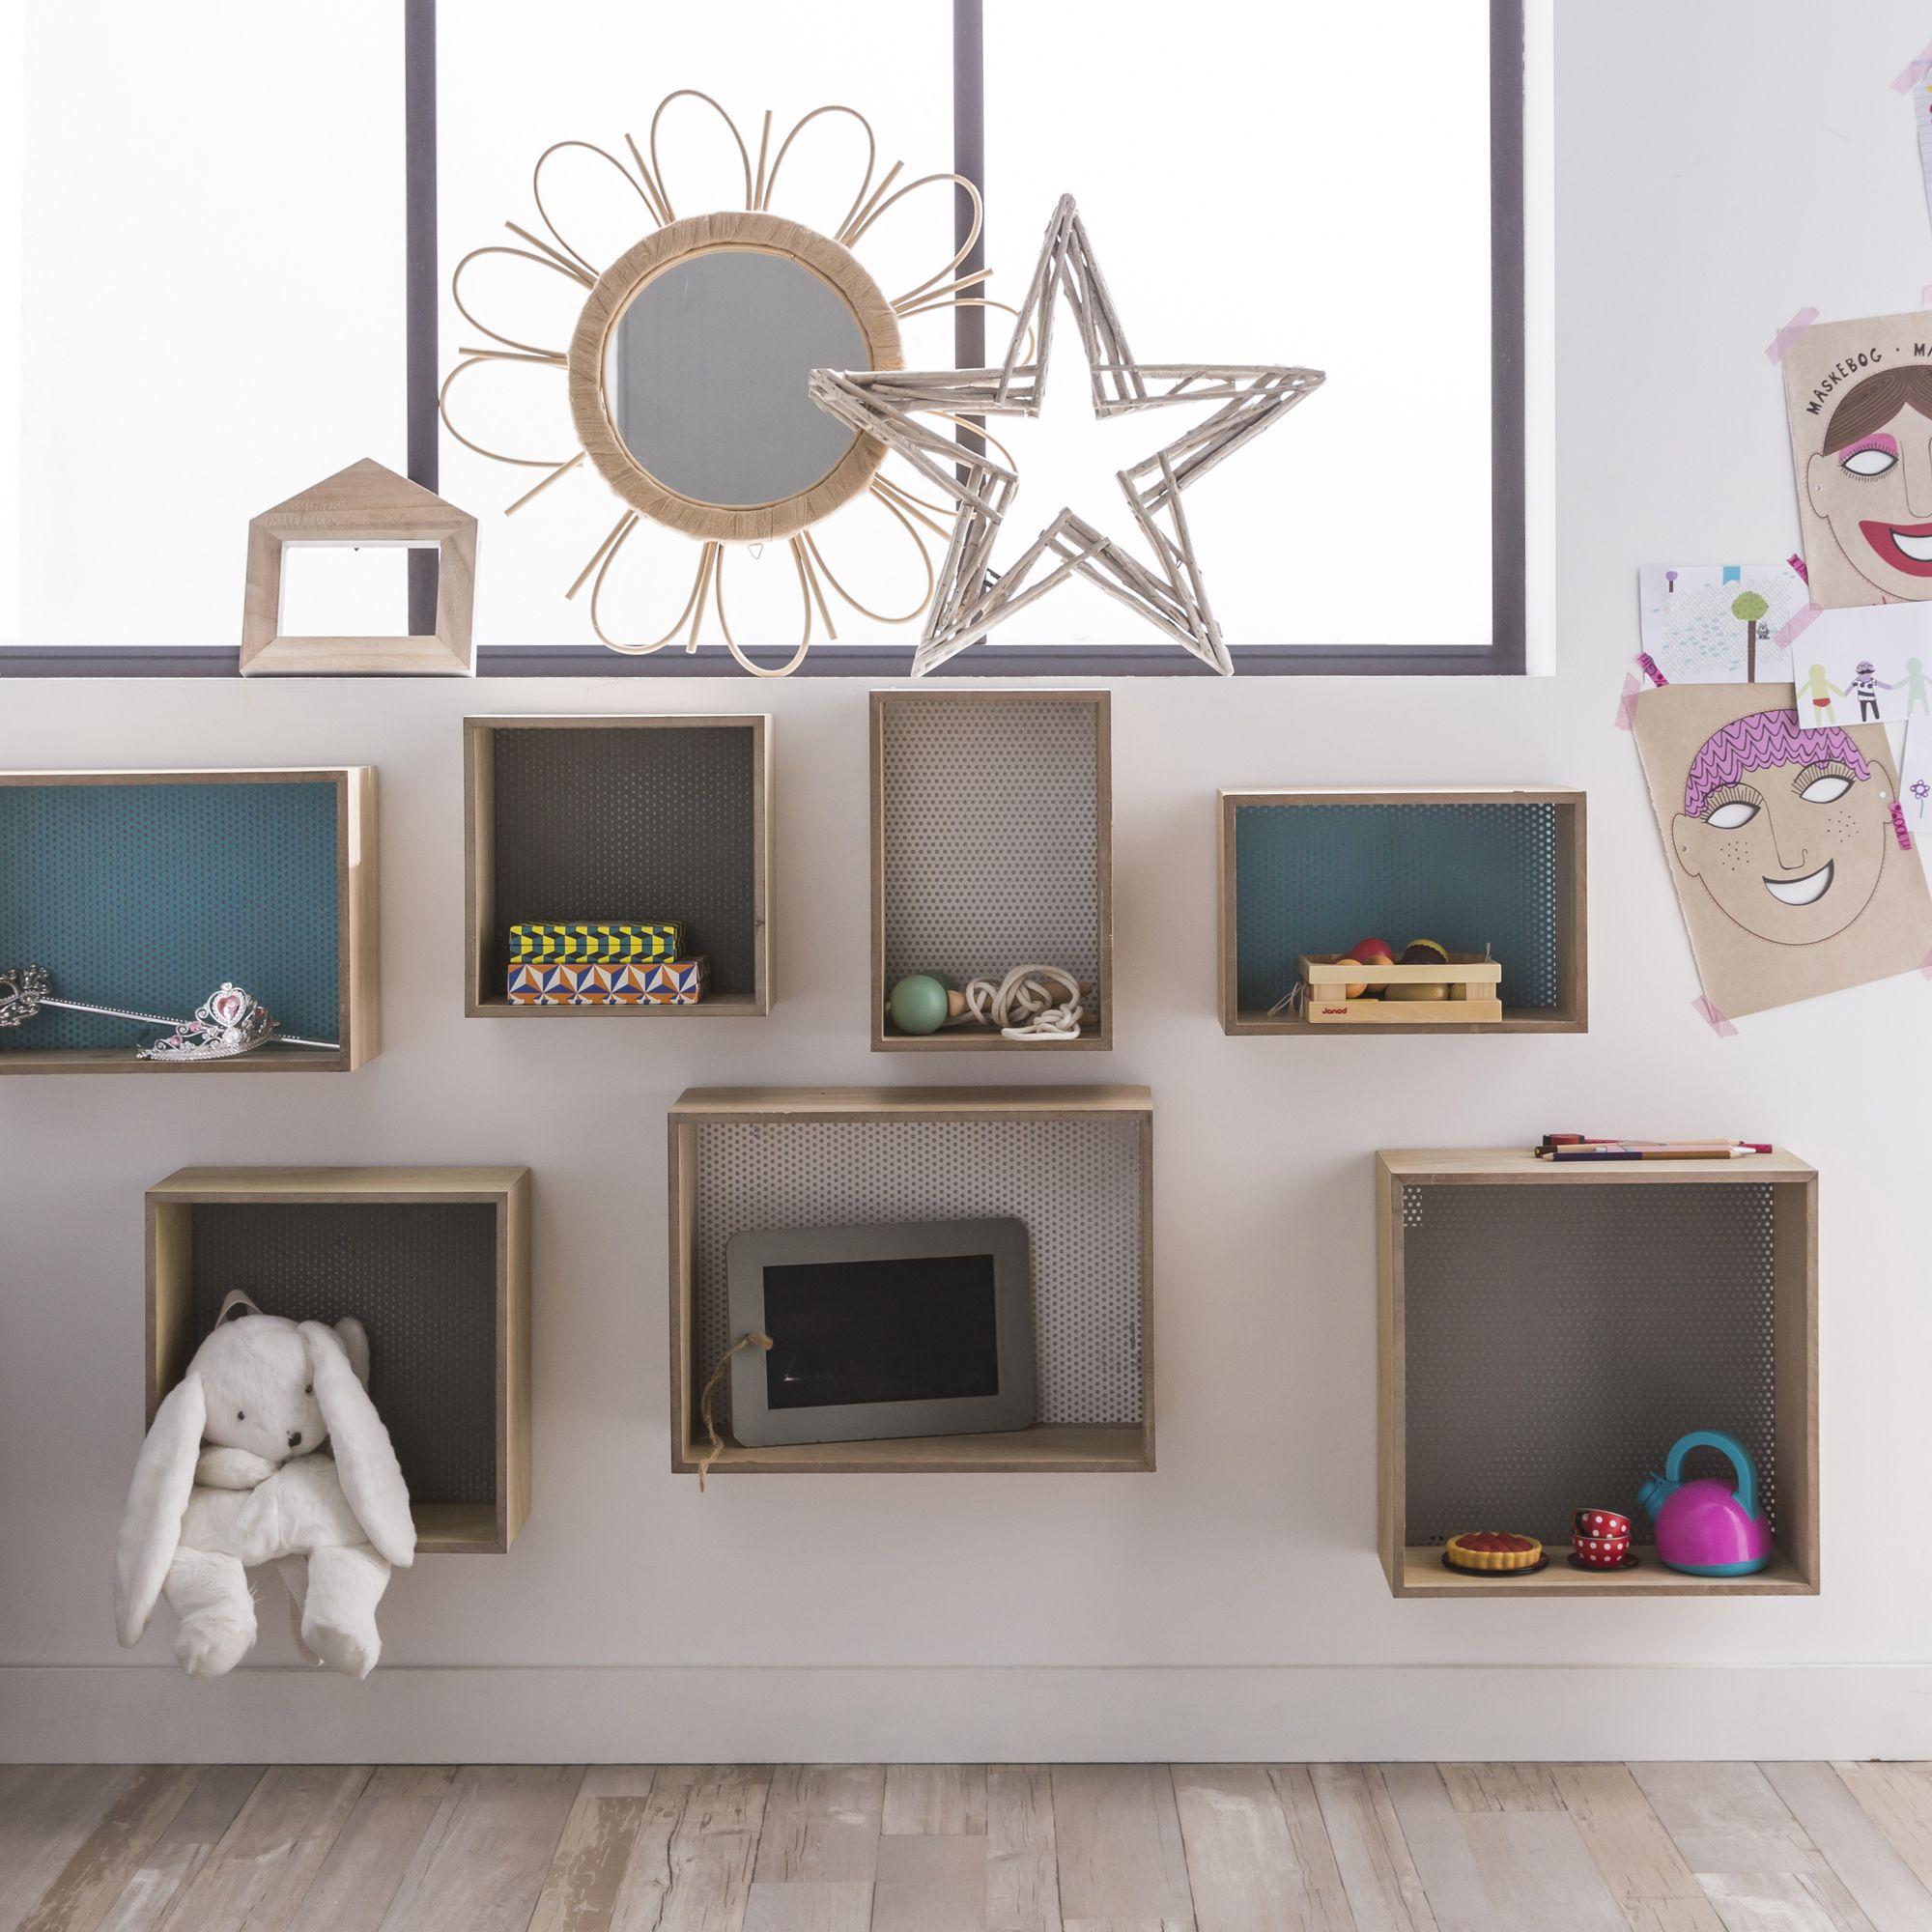 idée déco pour chambre d'enfants - alinéa | chambres d'enfants